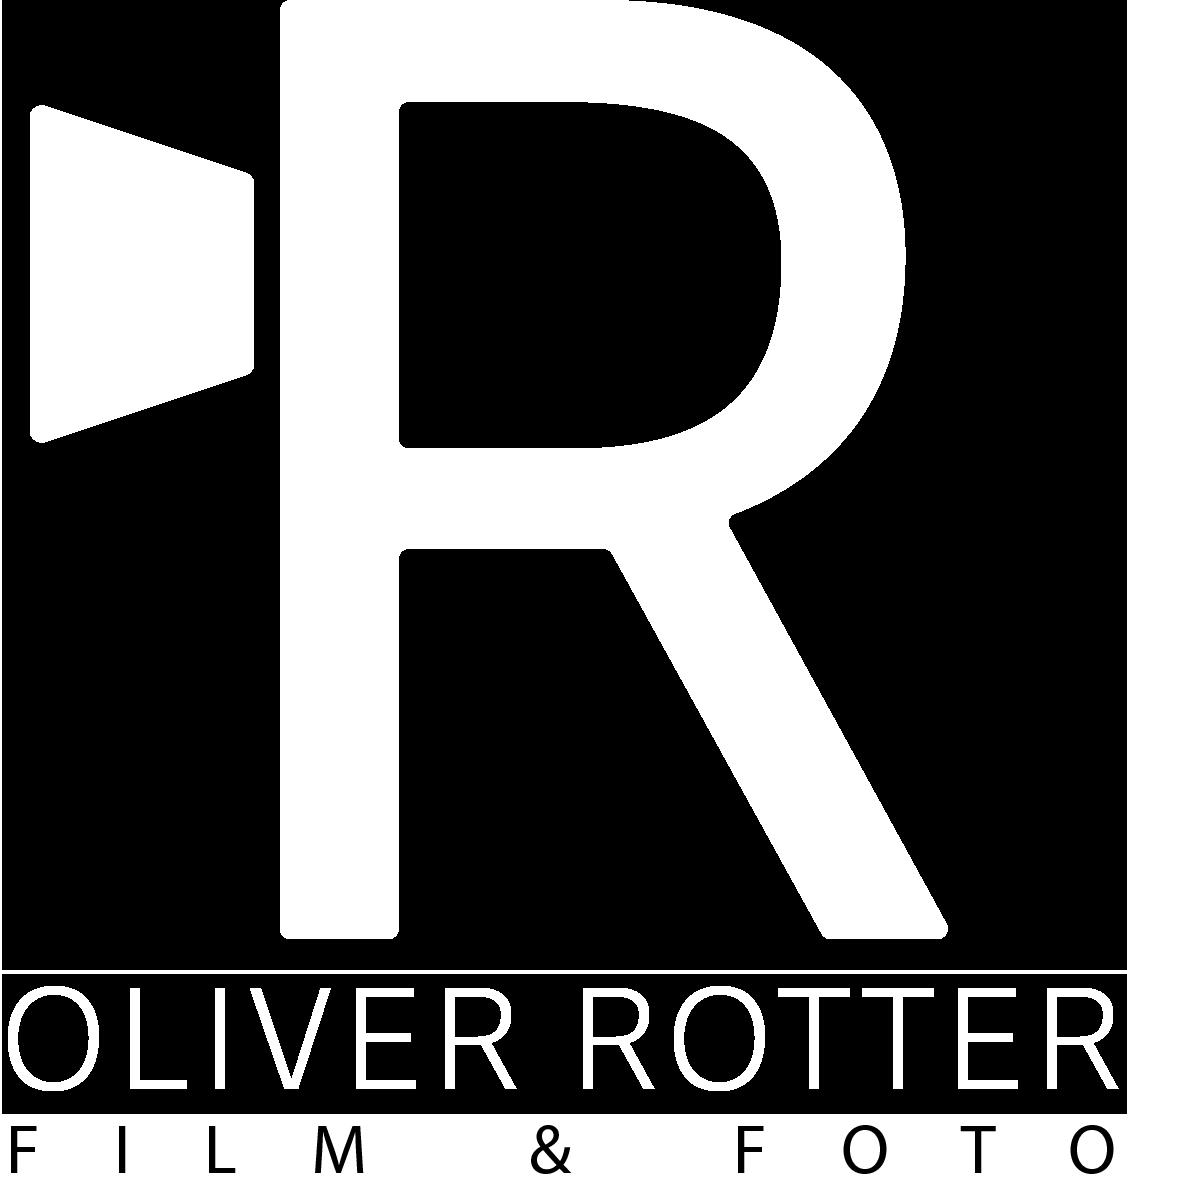 Oliver Rotter